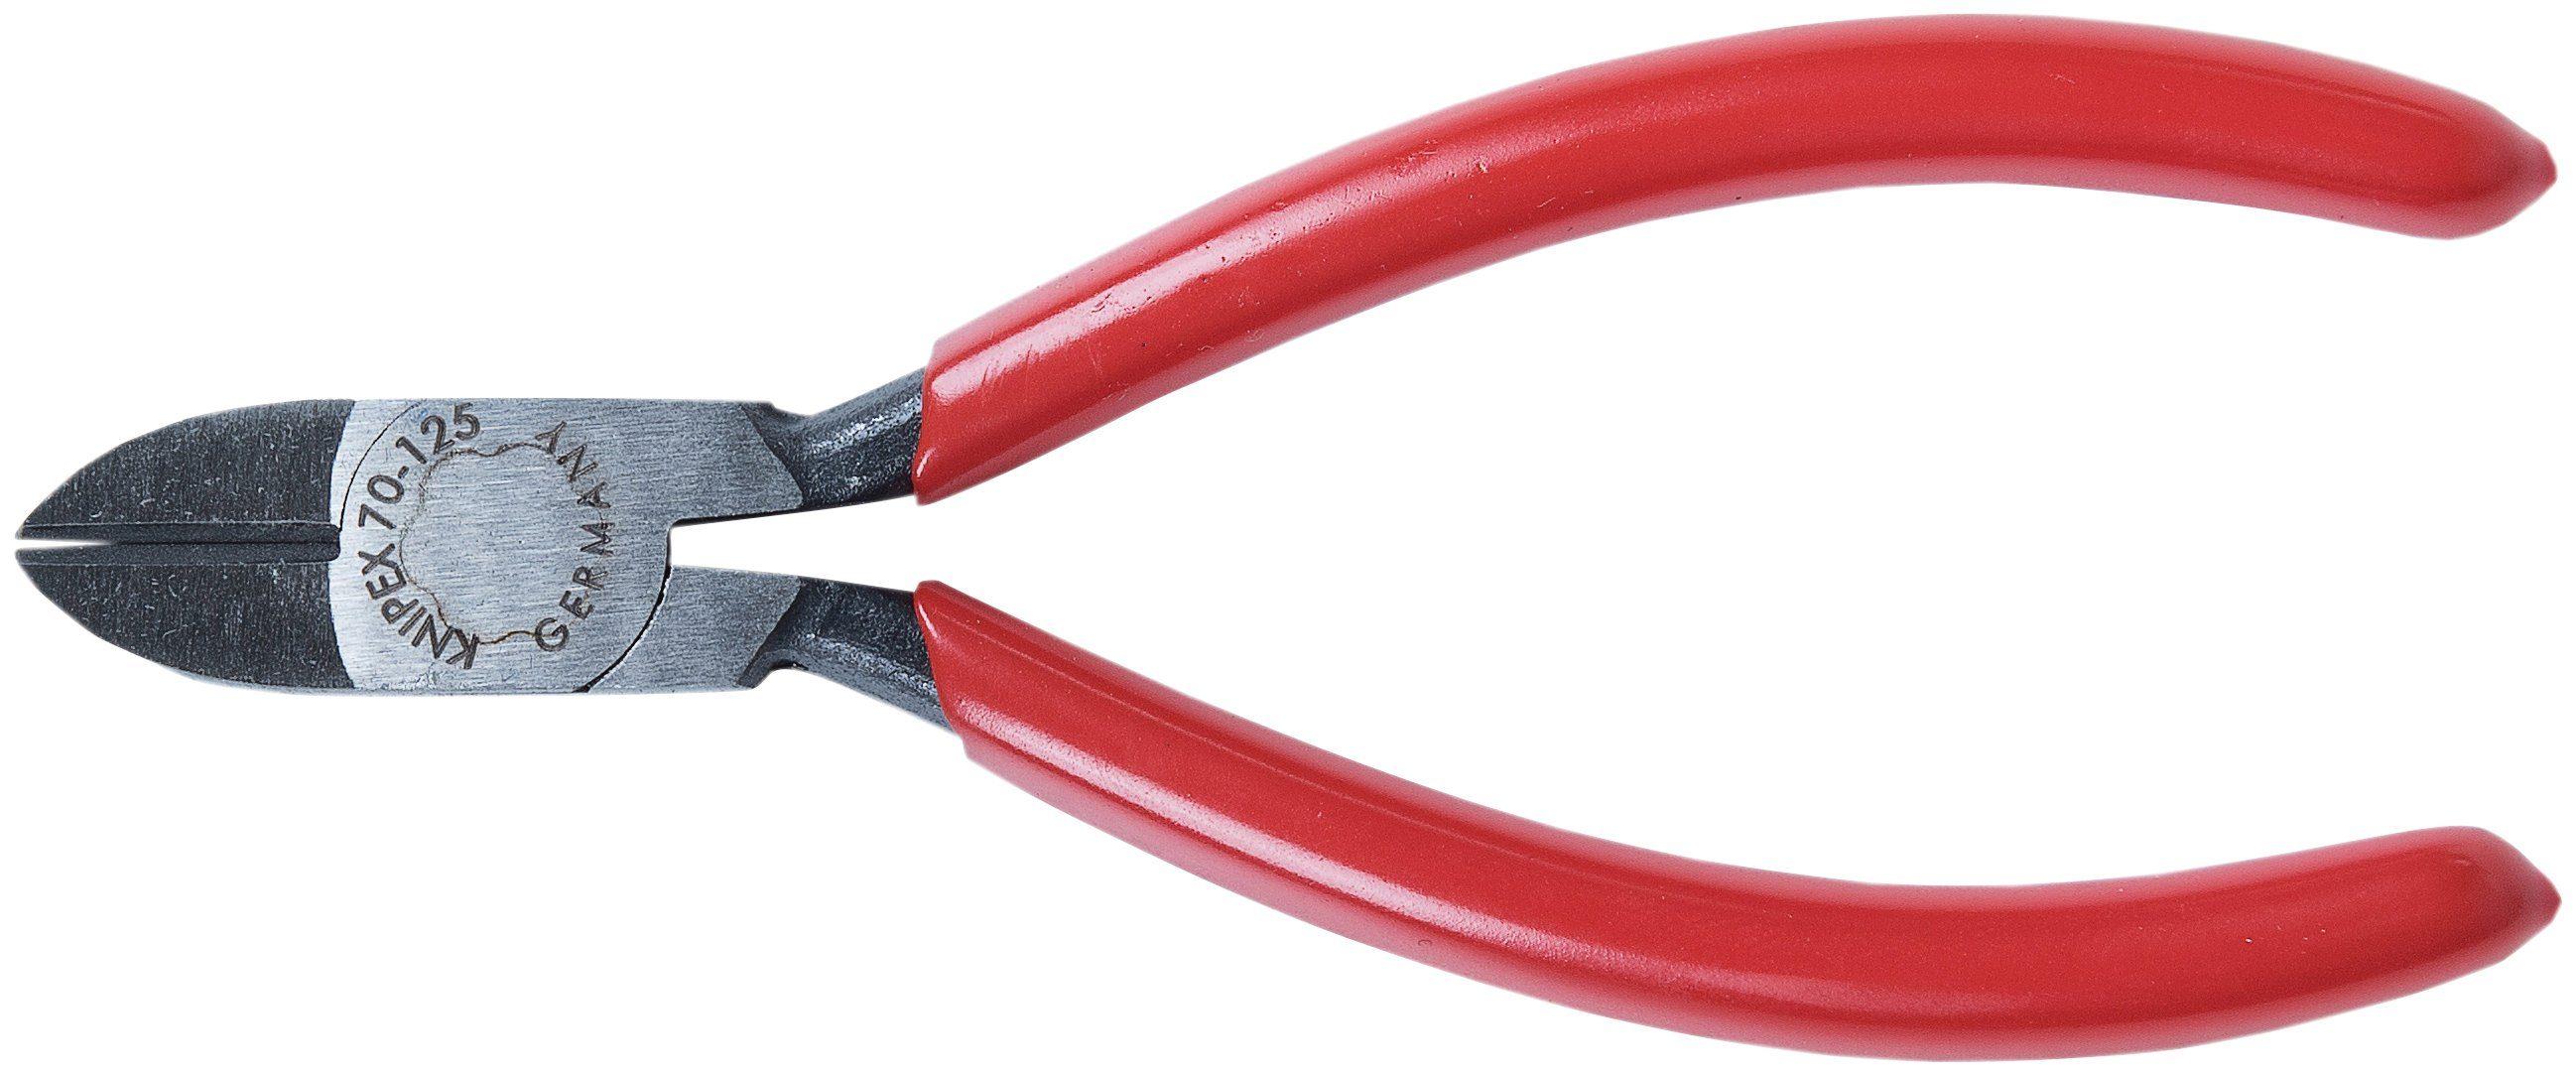 KNIPEX Seitenschneider »WKPT7001125«, 125 mm